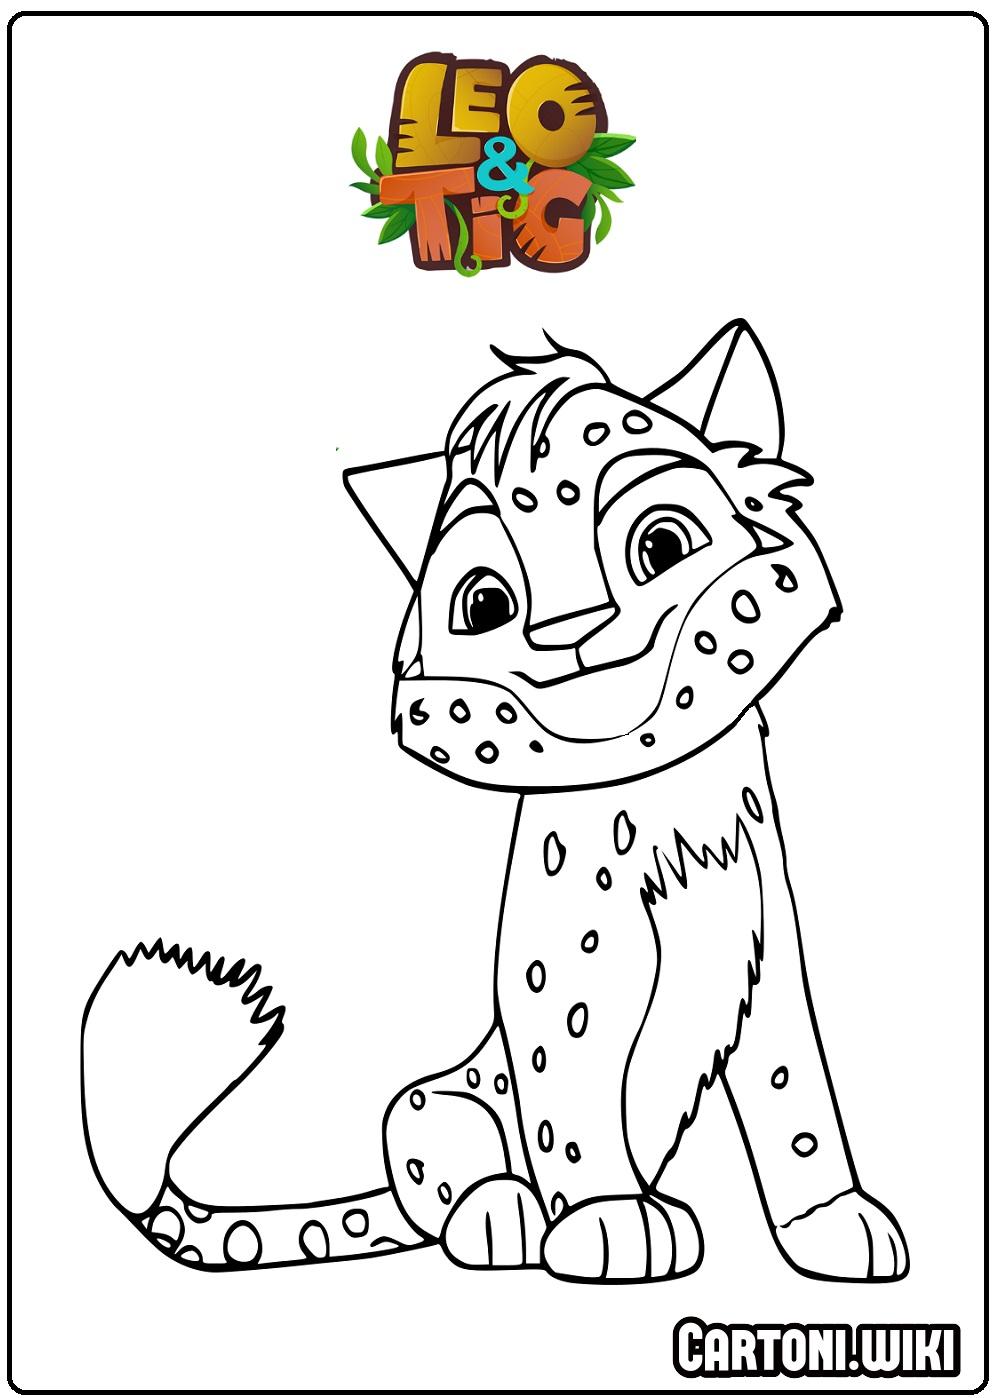 Disegni da colorare Leo e Tig  - Disegni da colorare